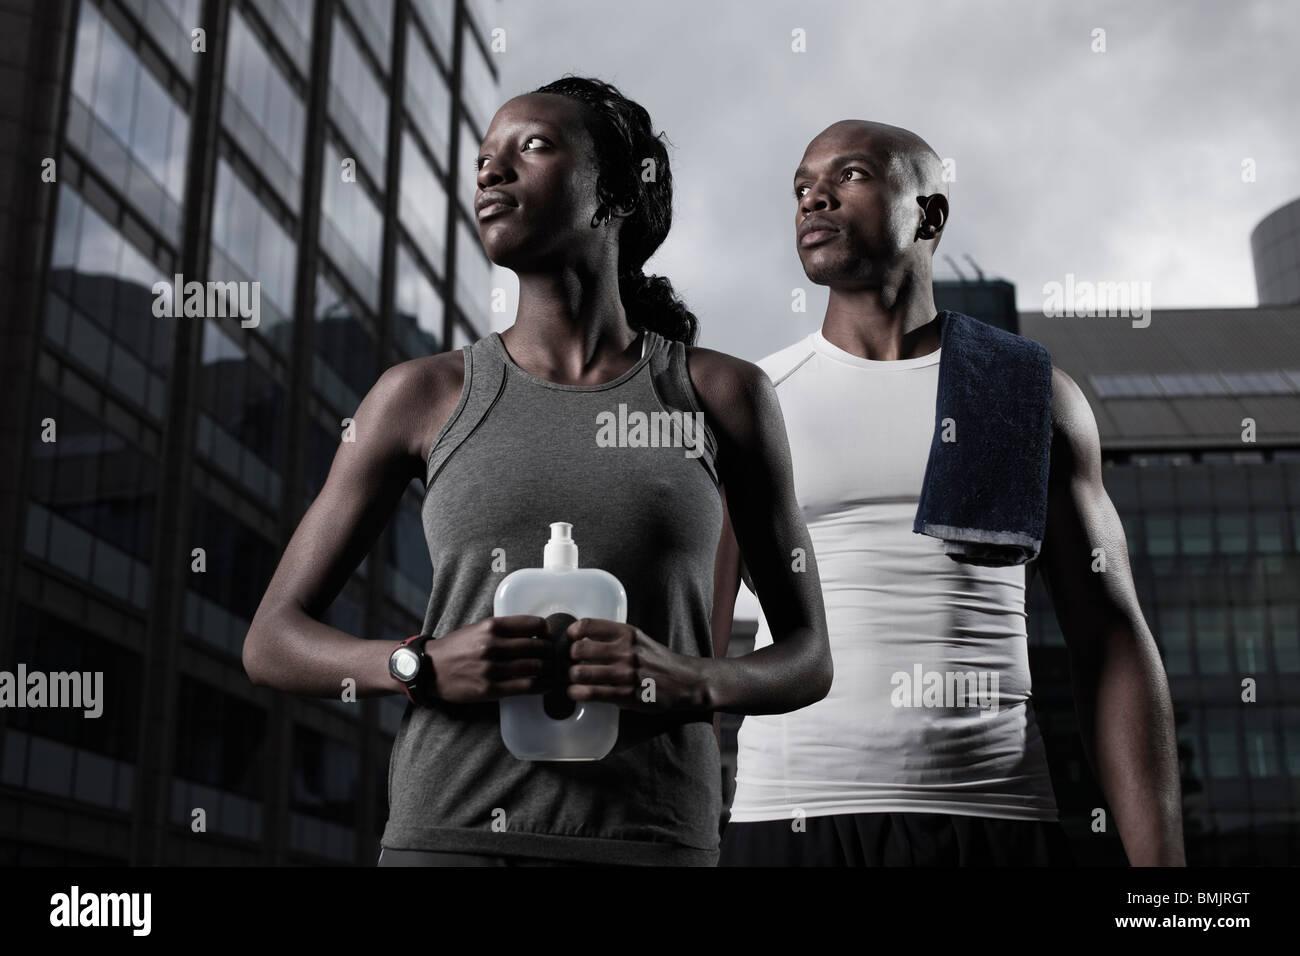 Athletic hombre y mujer vestida en ropa deportiva backgrounded por modernos edificios de la ciudad Imagen De Stock